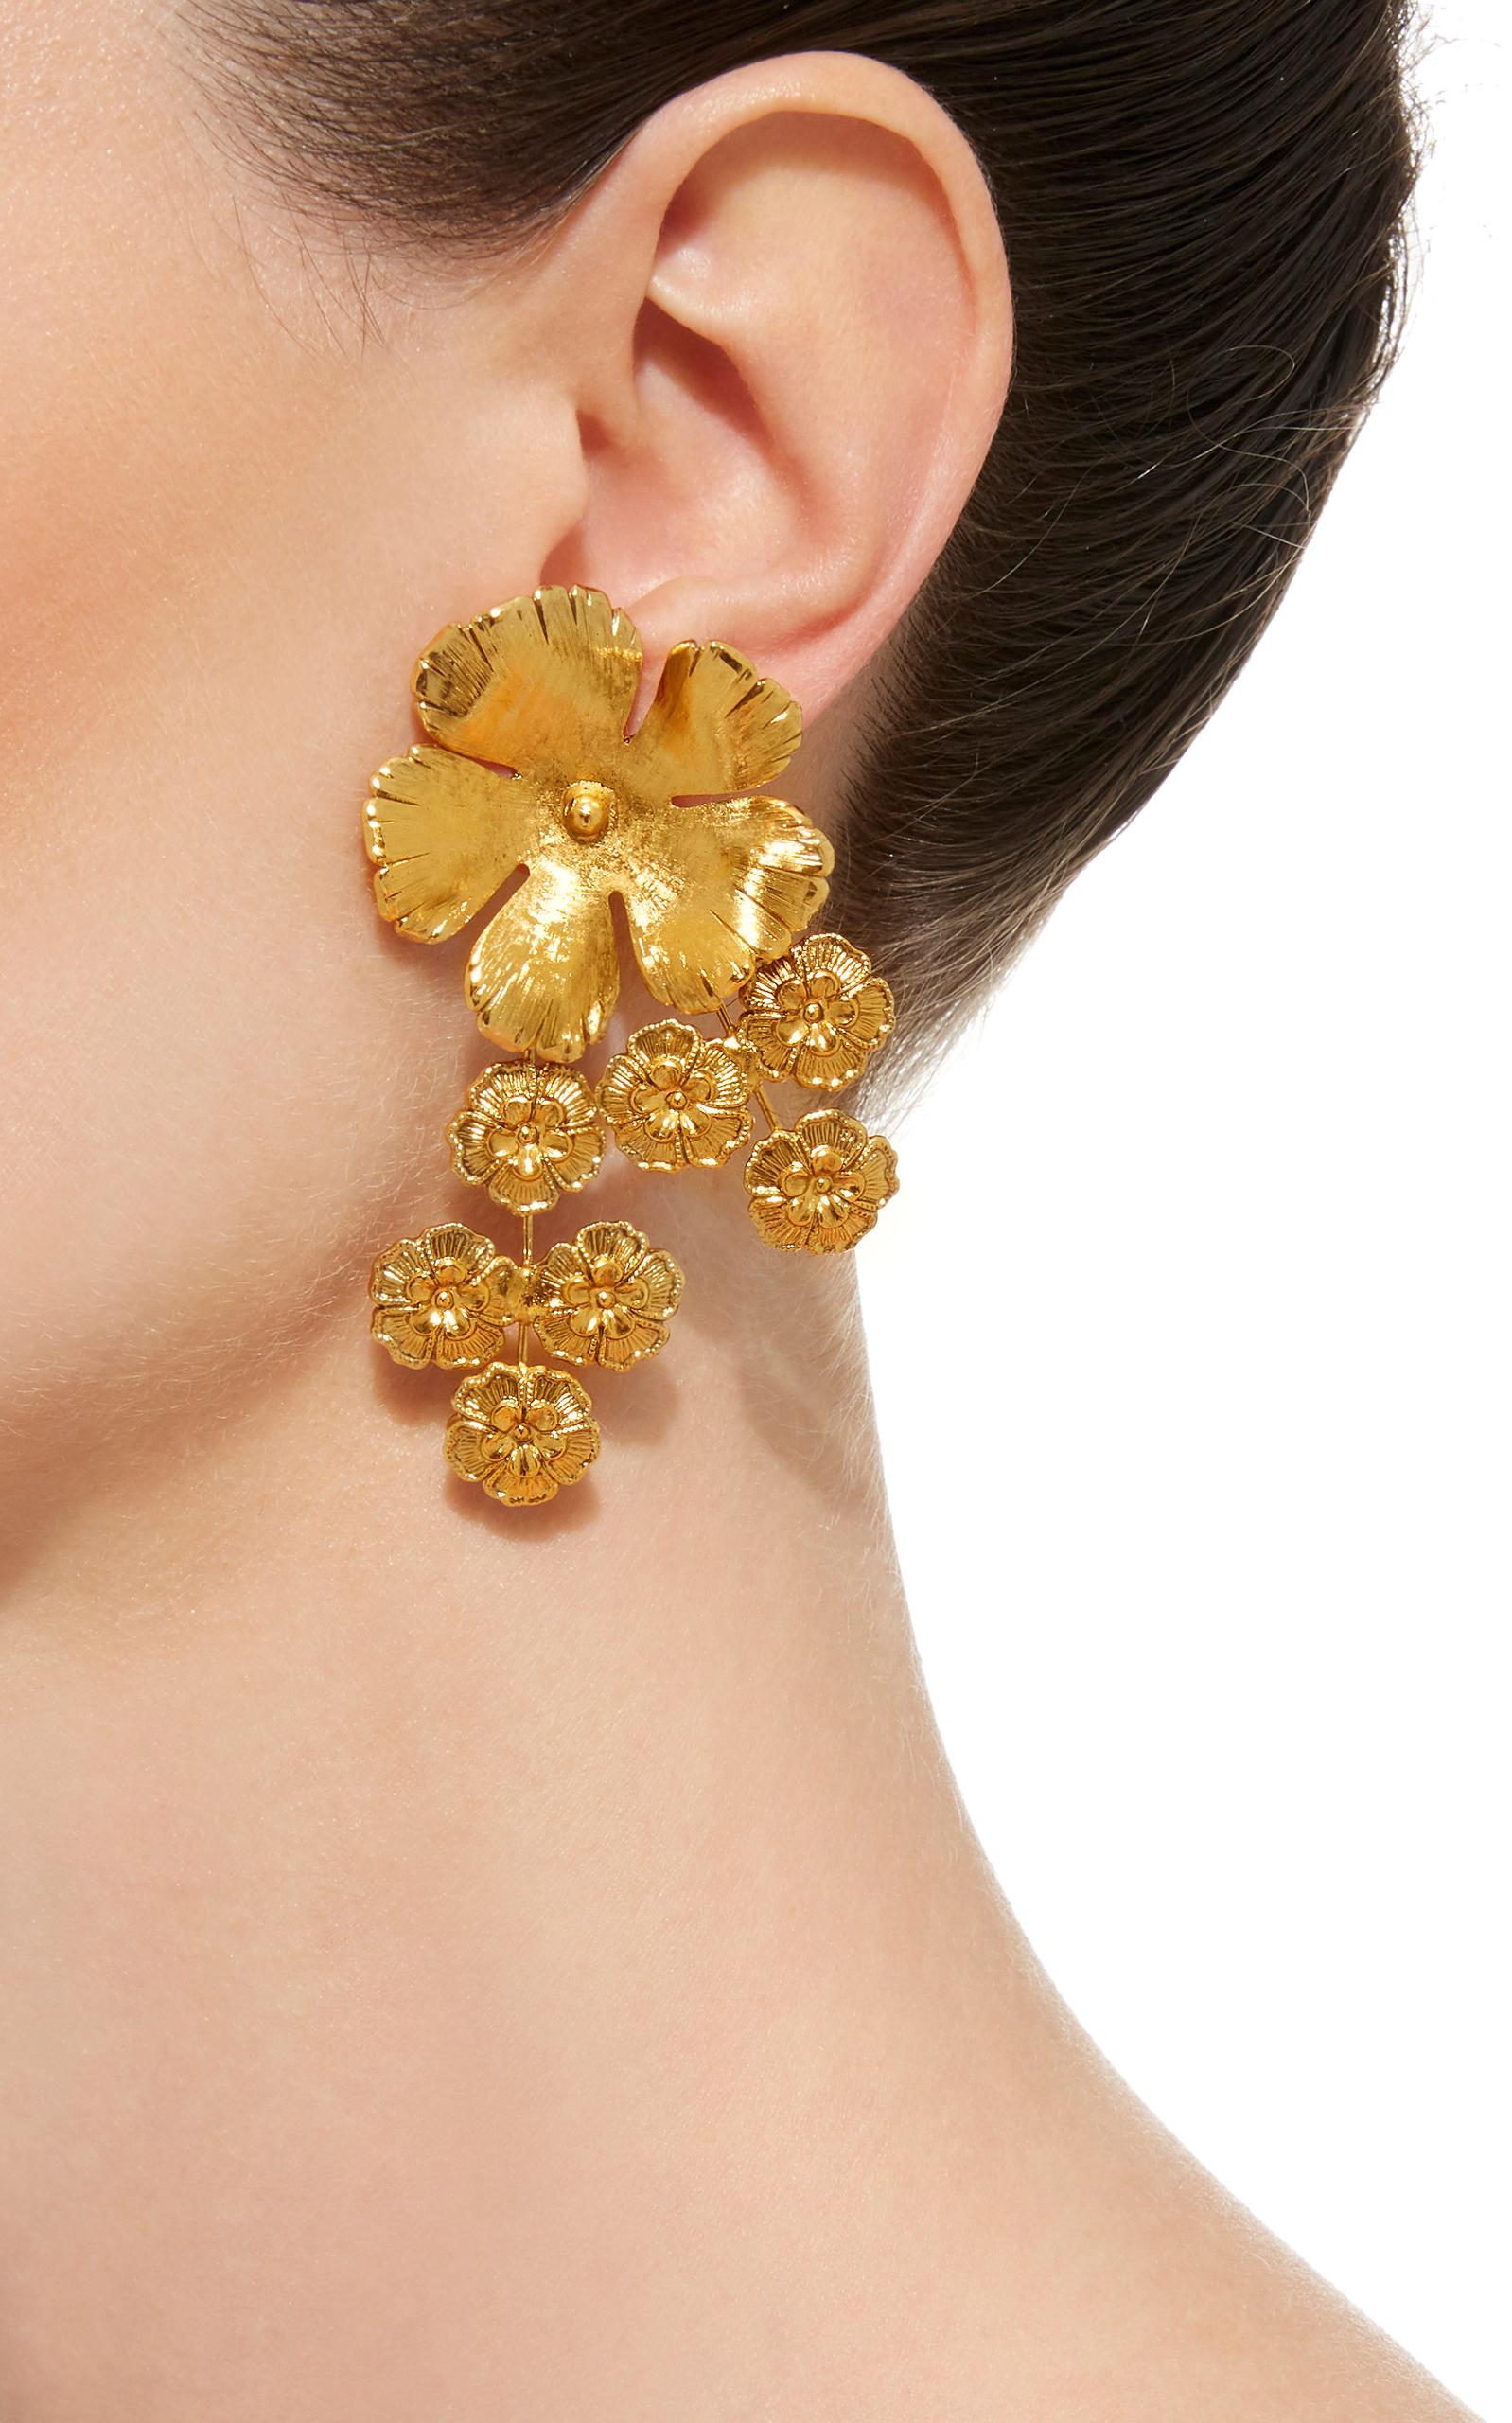 Jasmine Gold Plated Earrings By Jennifer Behr Moda Operandi